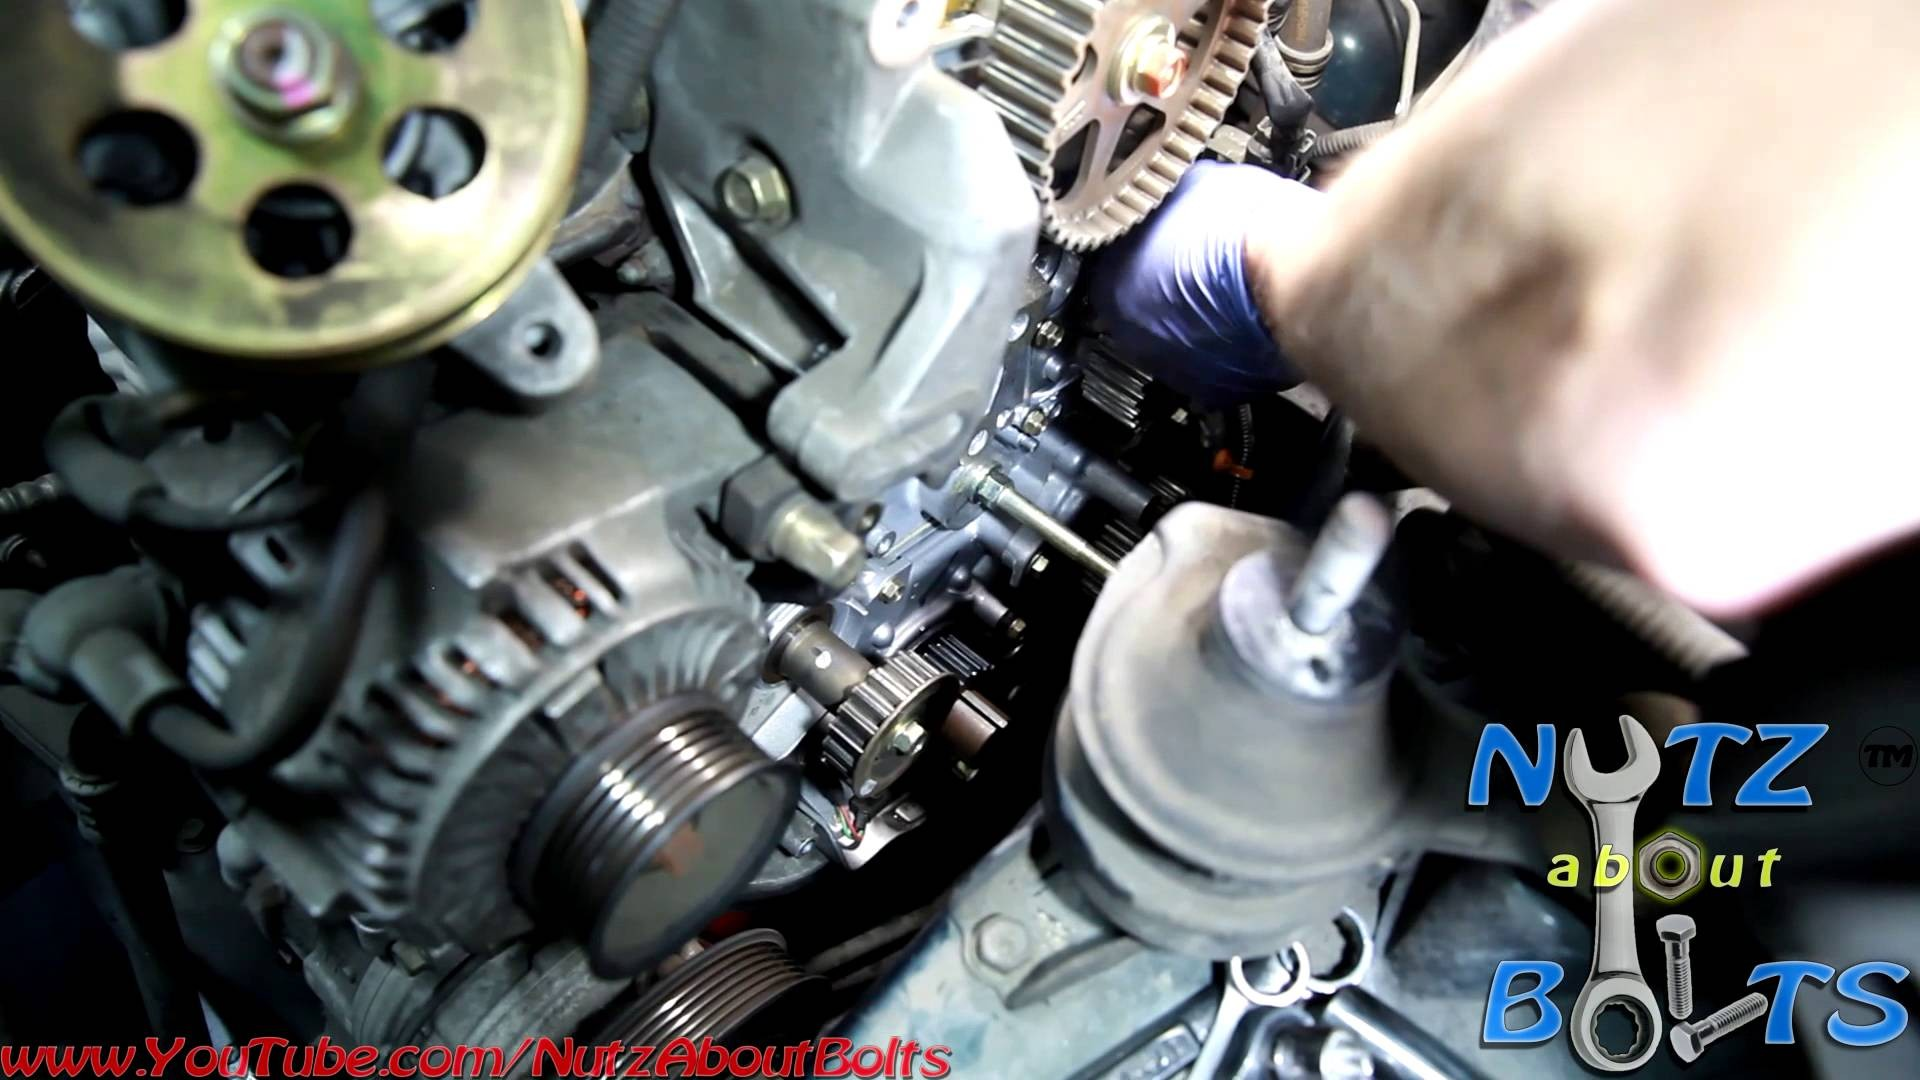 2002 Honda Civic Engine Diagram 1998 2002 Honda Accord Timing Belt Replacement with Water Pump Of 2002 Honda Civic Engine Diagram